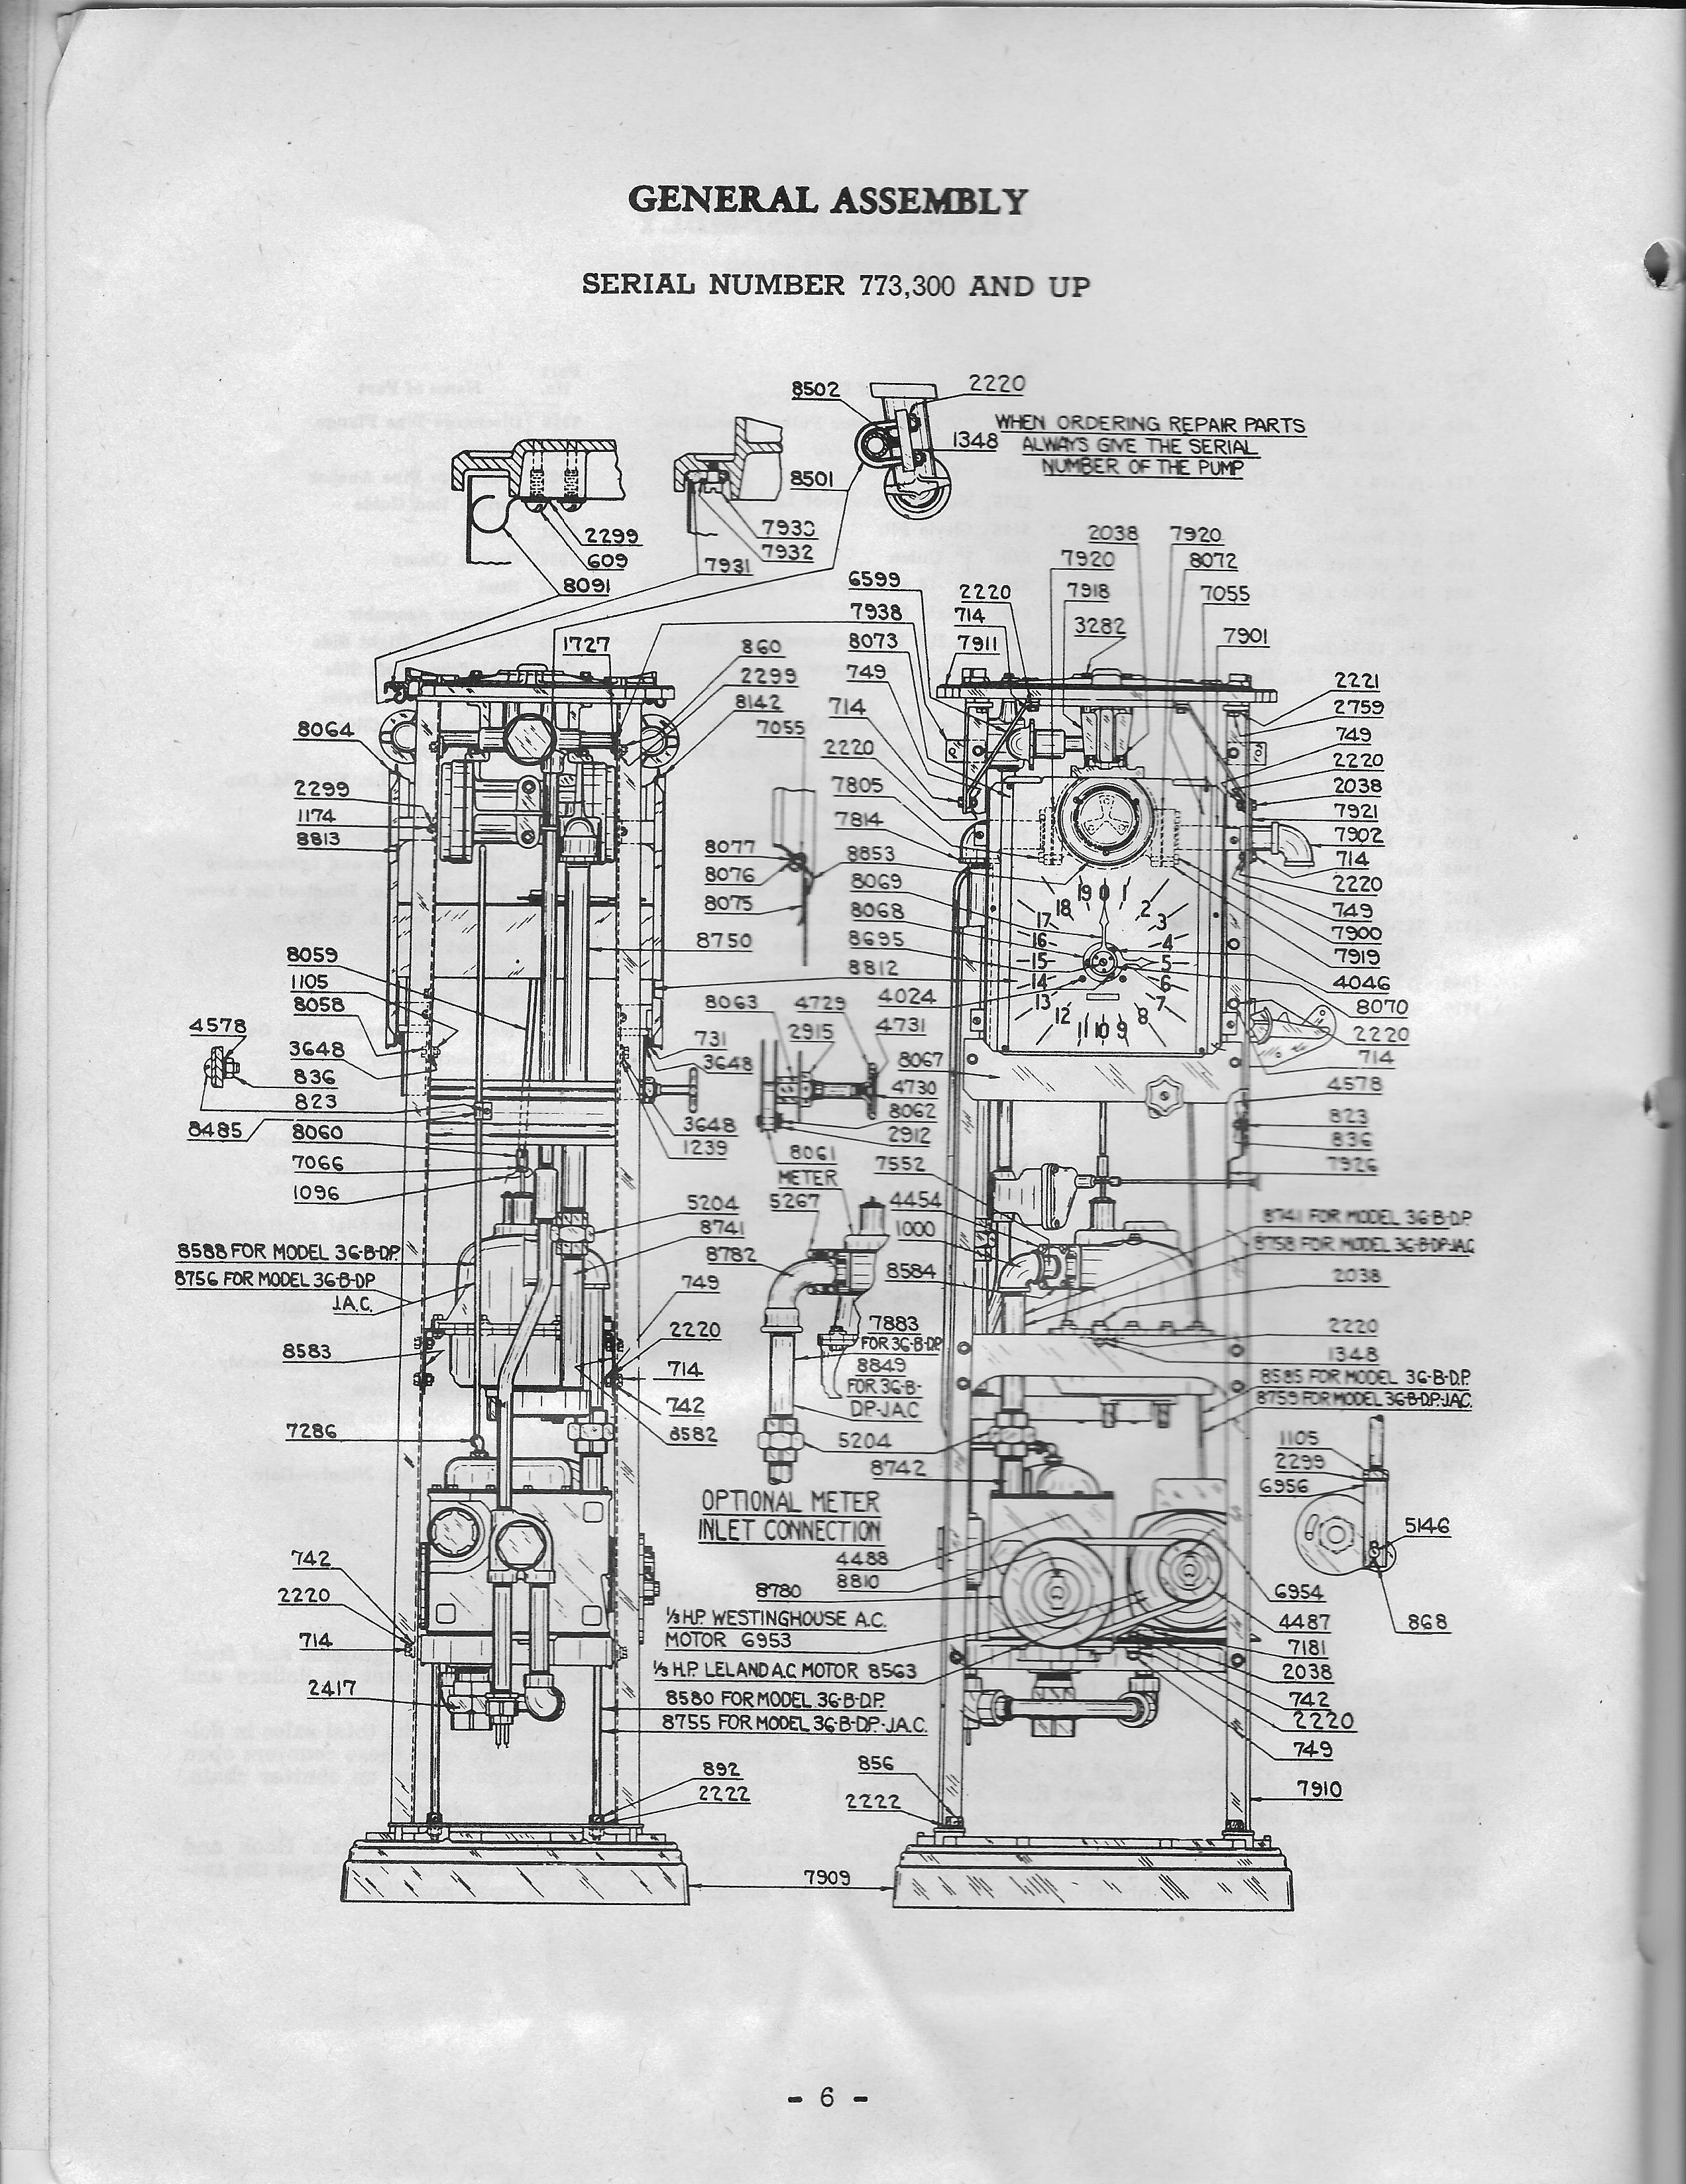 wayne gas pump wiring diagram gas pump parts diagram - wiring diagram gas pump diagram